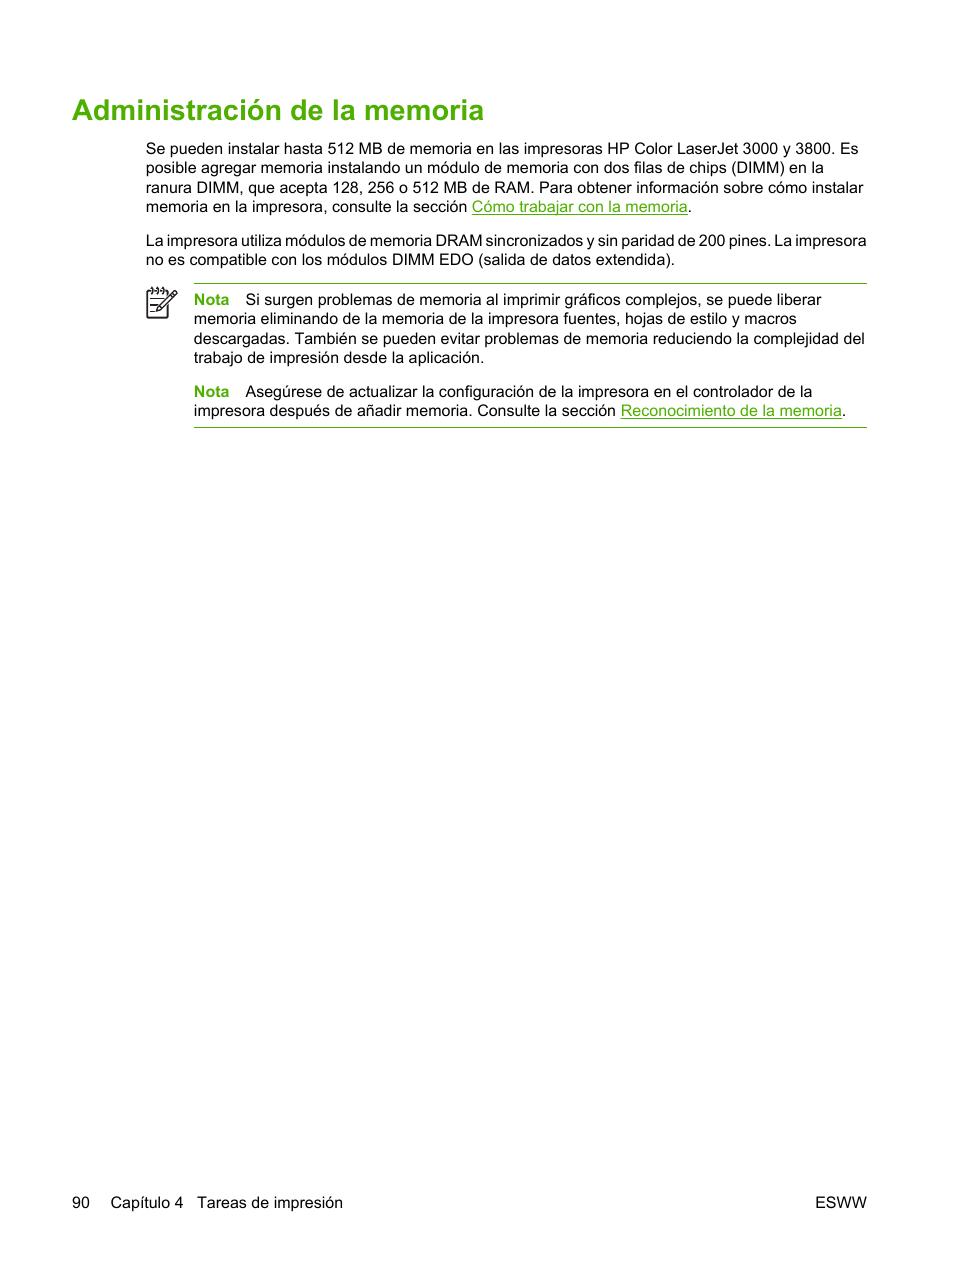 Administración de la memoria | HP Impresora HP Color LaserJet serie 3600  Manual del usuario |